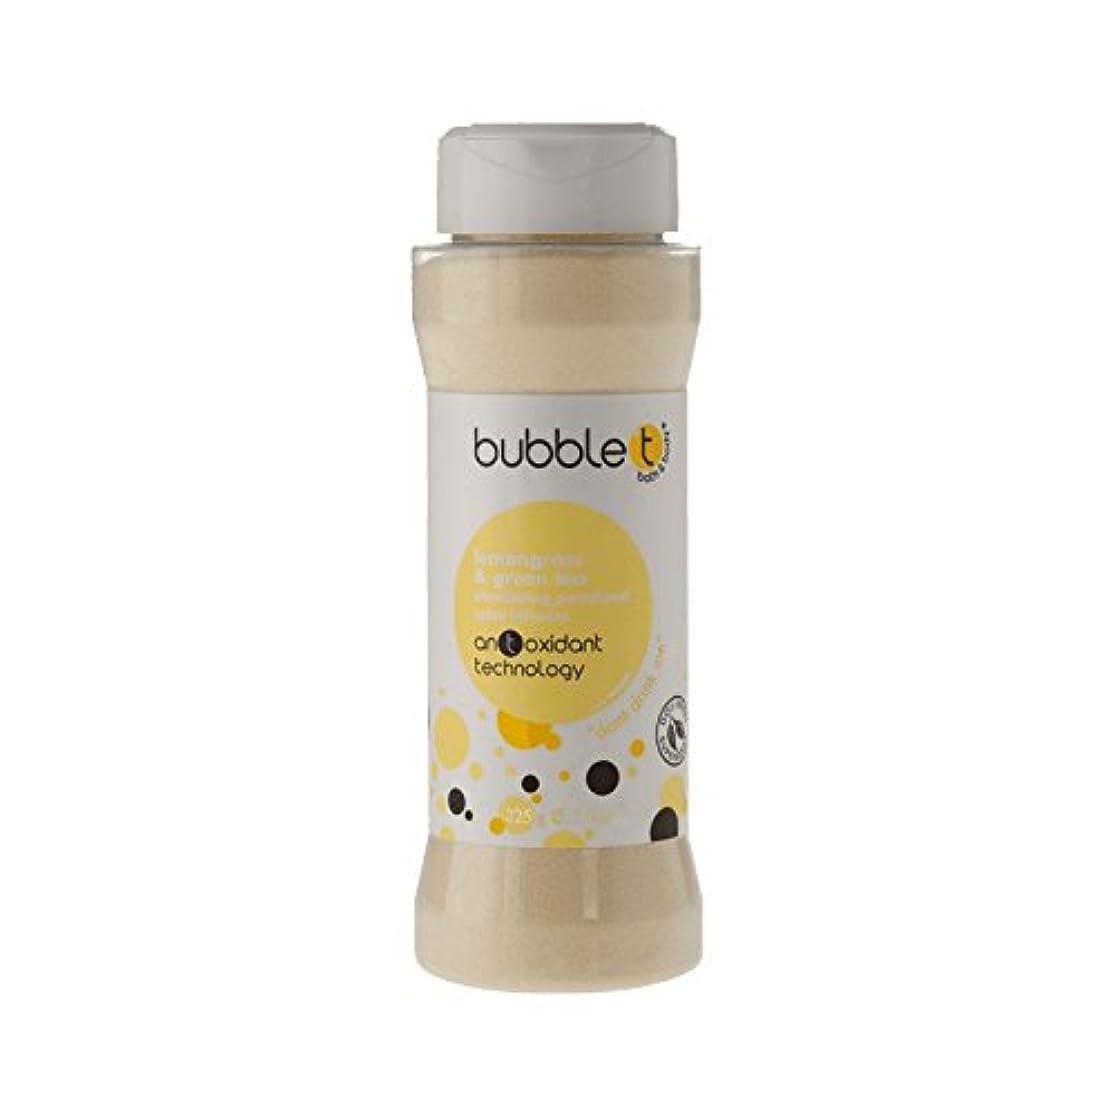 近々メロドラマ検査官Bubble T Bath Spice Infusion Lemongrass & Green Tea 225g (Pack of 6) - バブルトン風呂スパイス注入レモングラス&緑茶225グラム (x6) [並行輸入品]